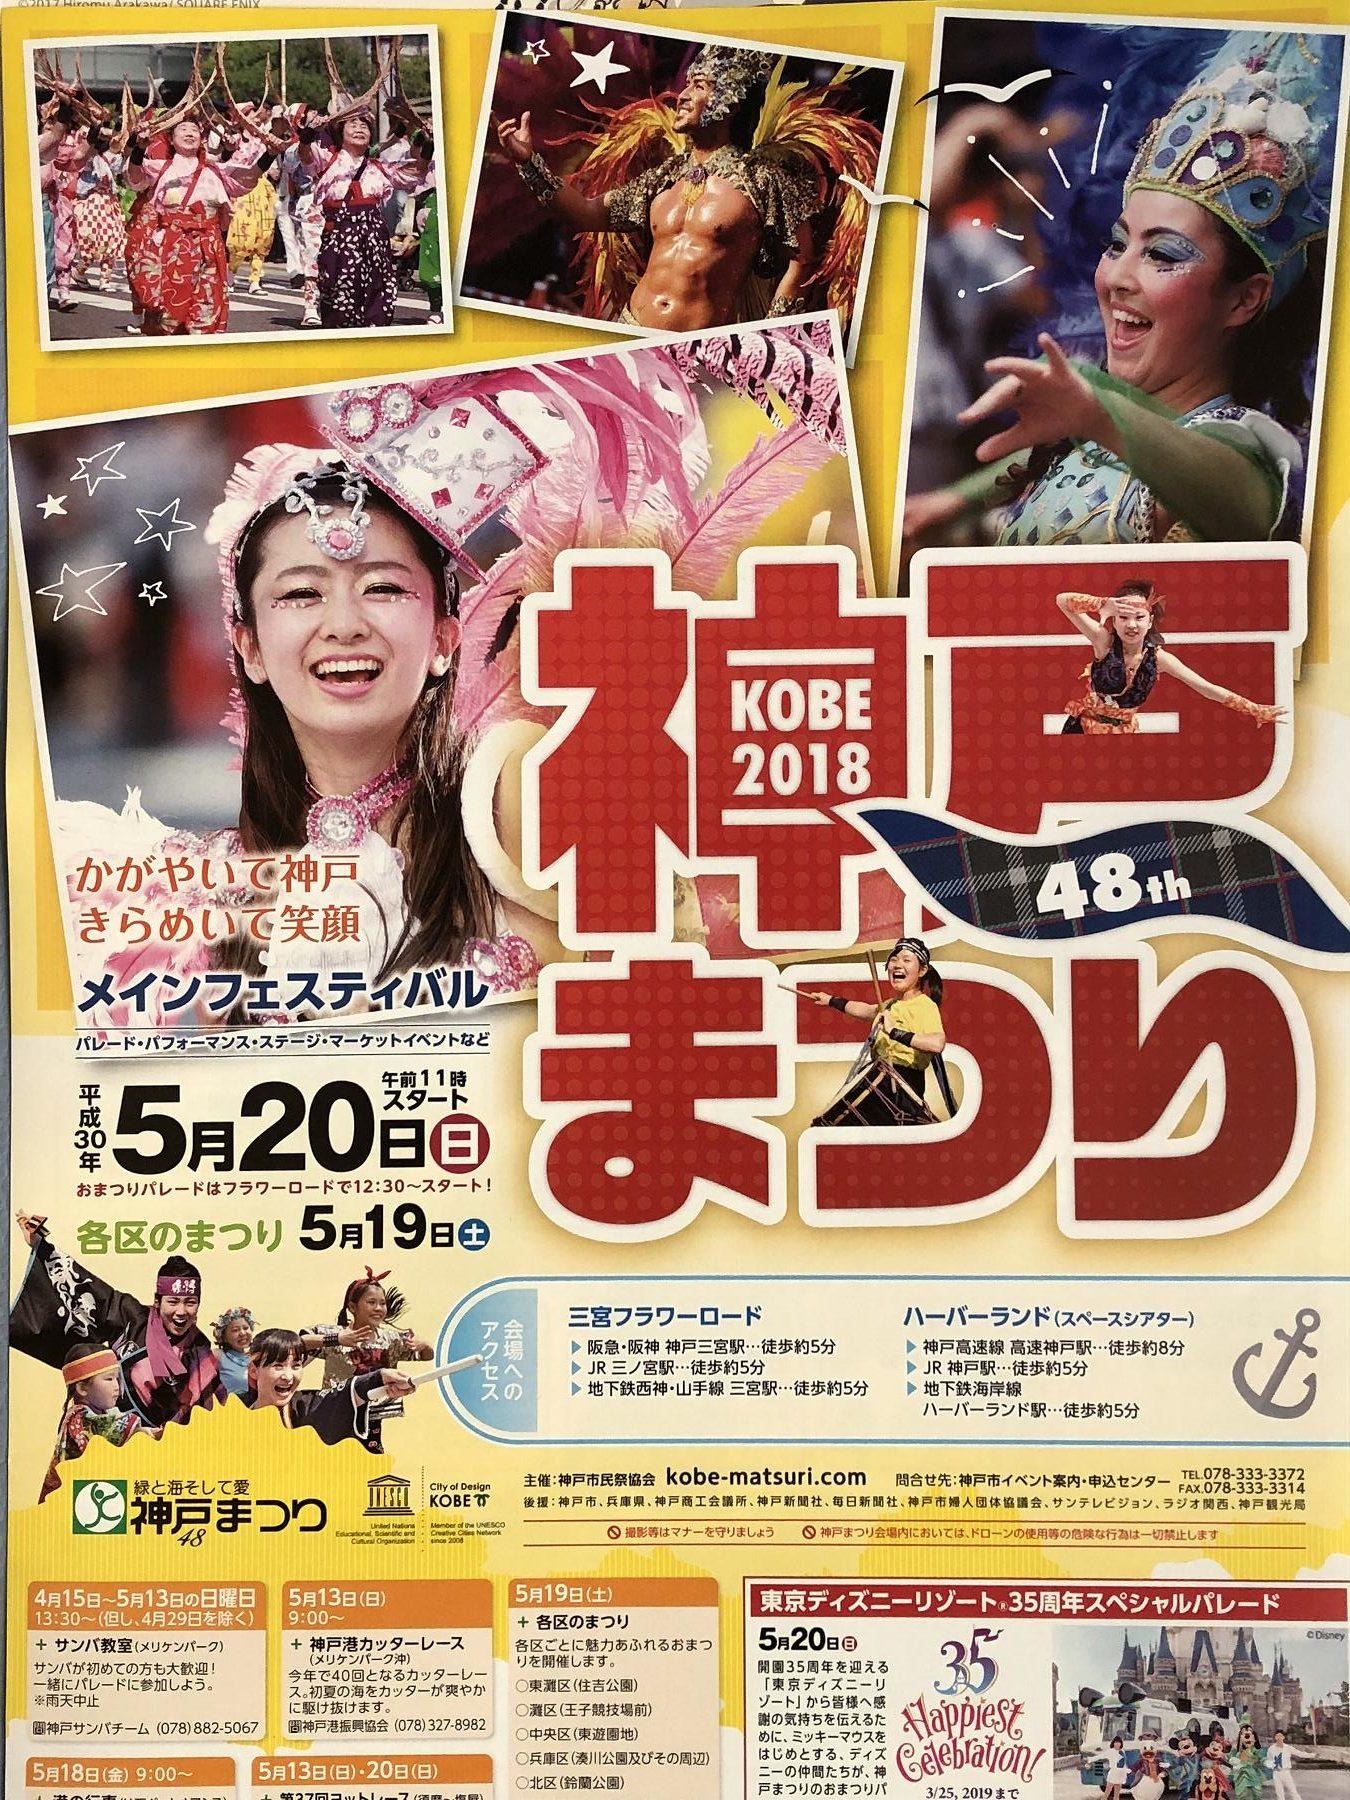 「第48回神戸まつり」2018年の各区のまつりは5月19日(土)、メインフェスティバルは5月20日(日)開催だよ! #神戸まつり #各区のまつり